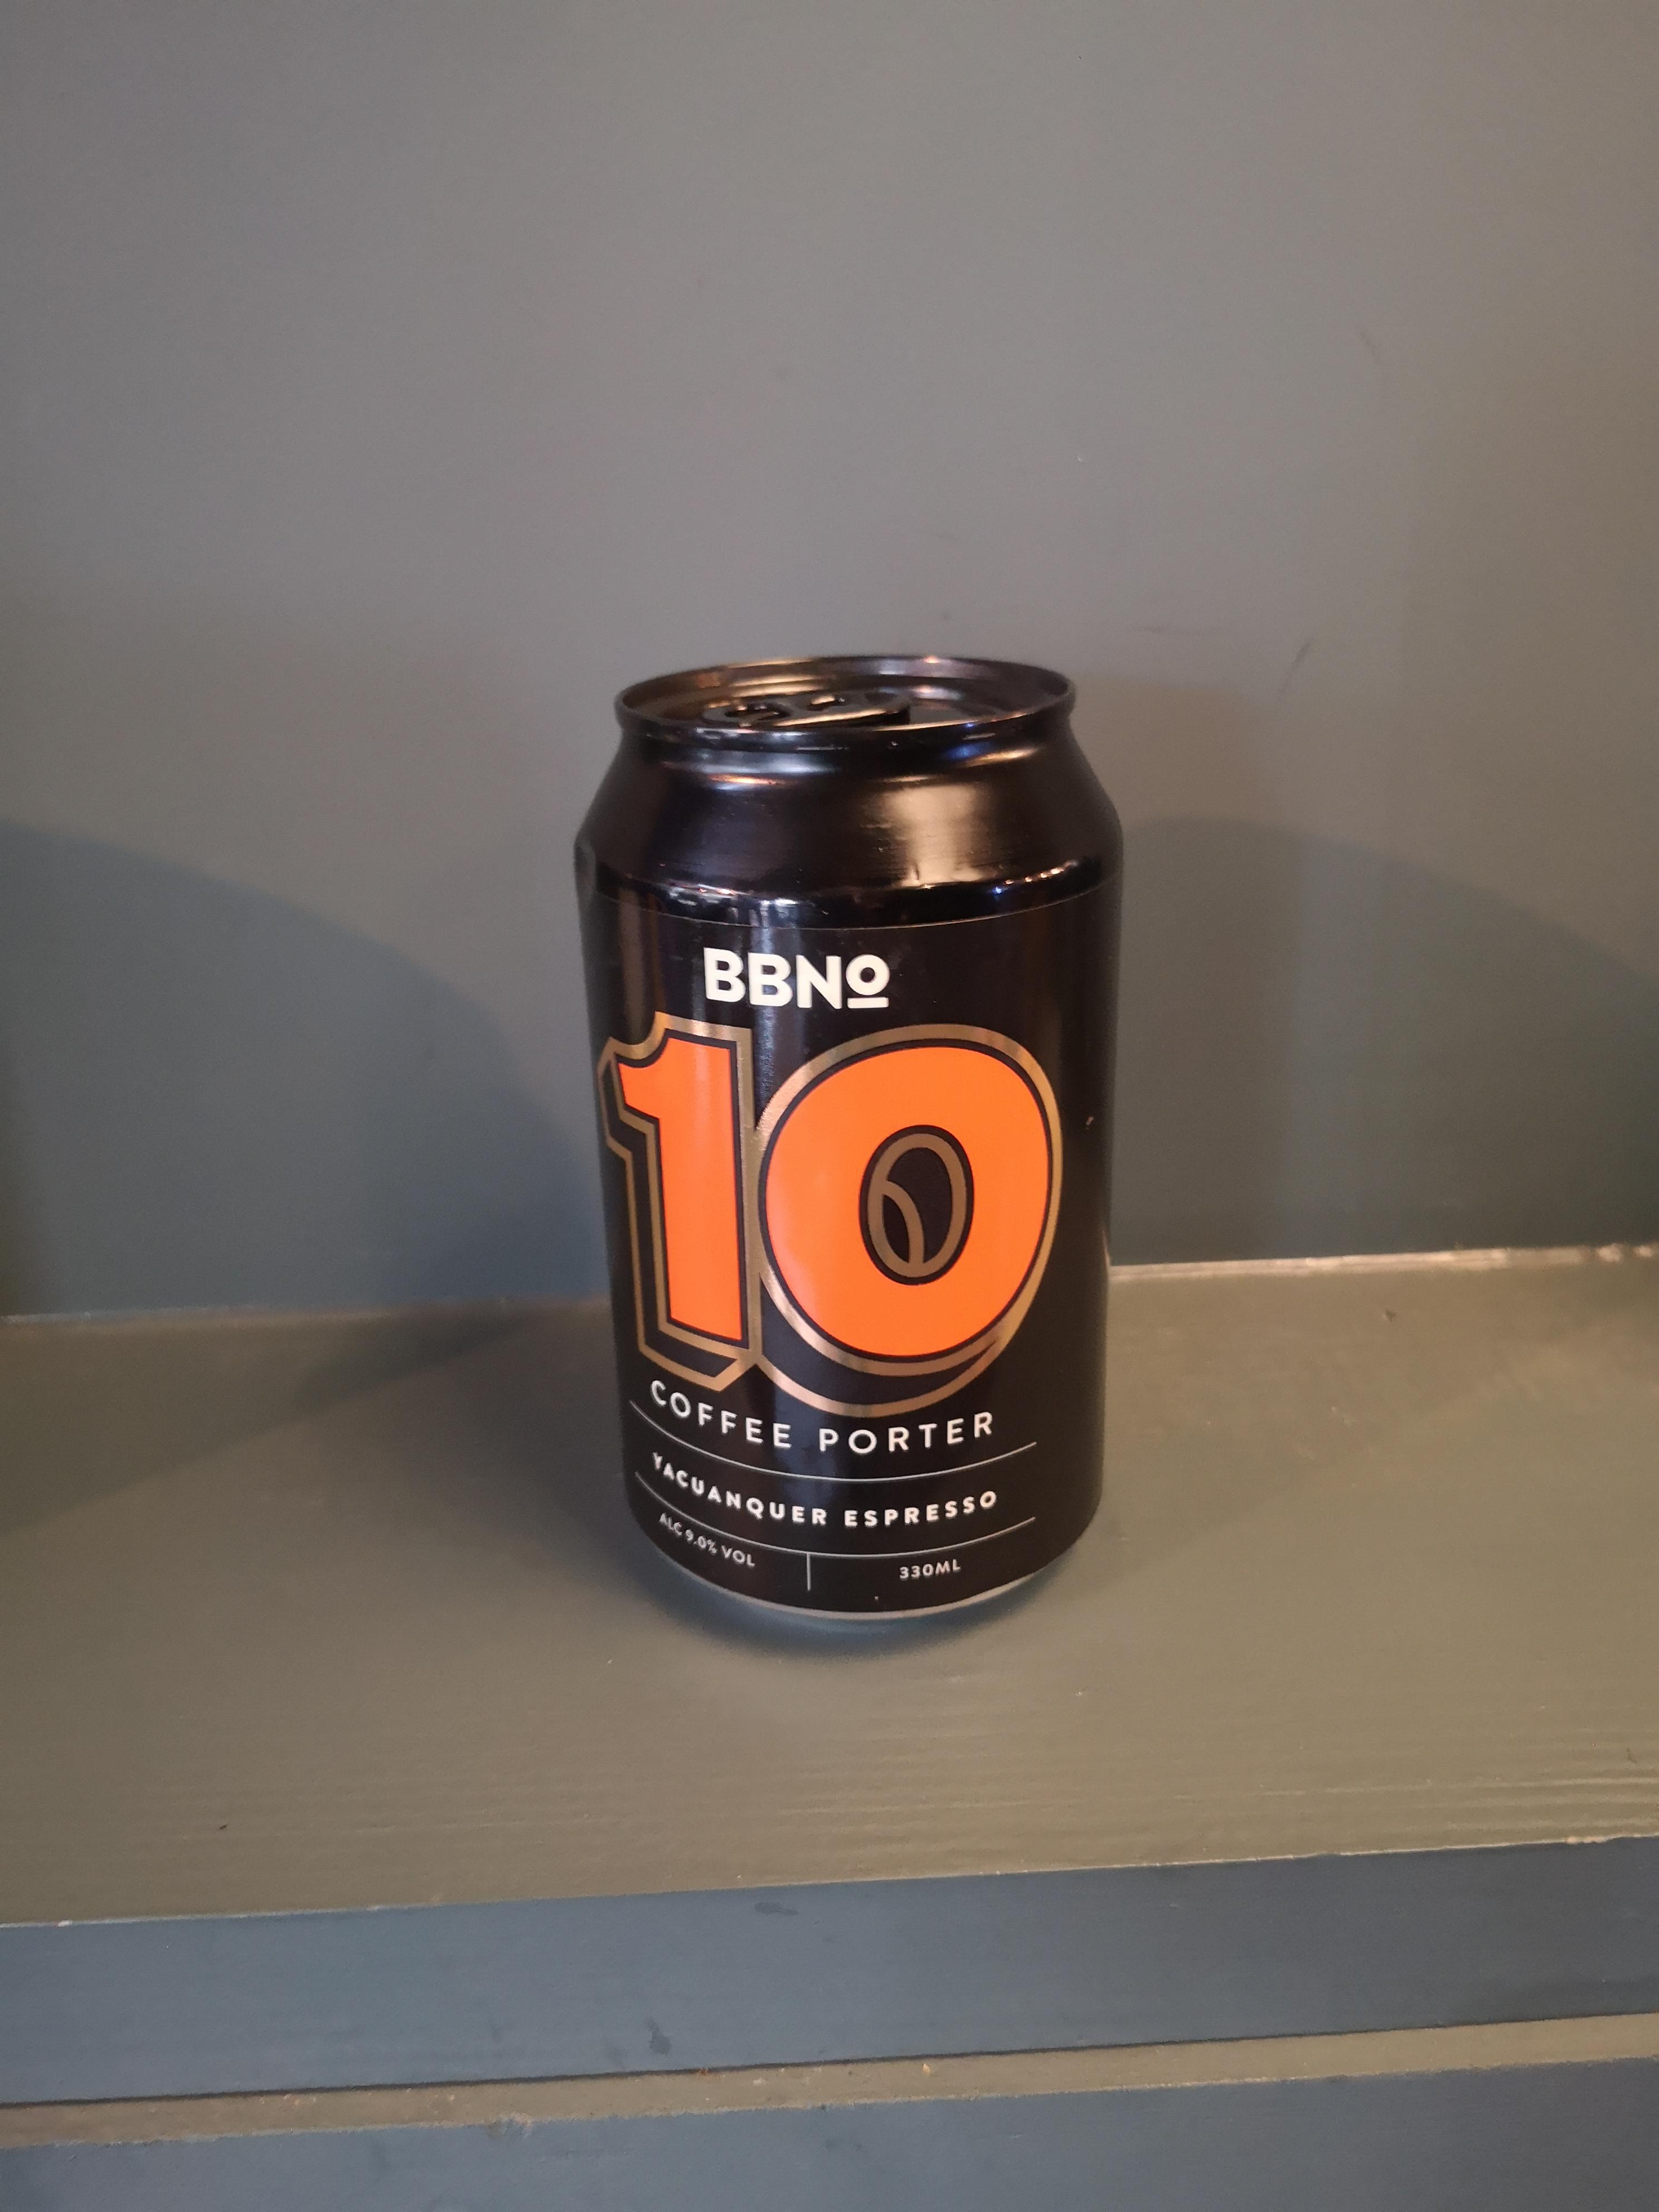 BBNo - 10 Coffee Porter